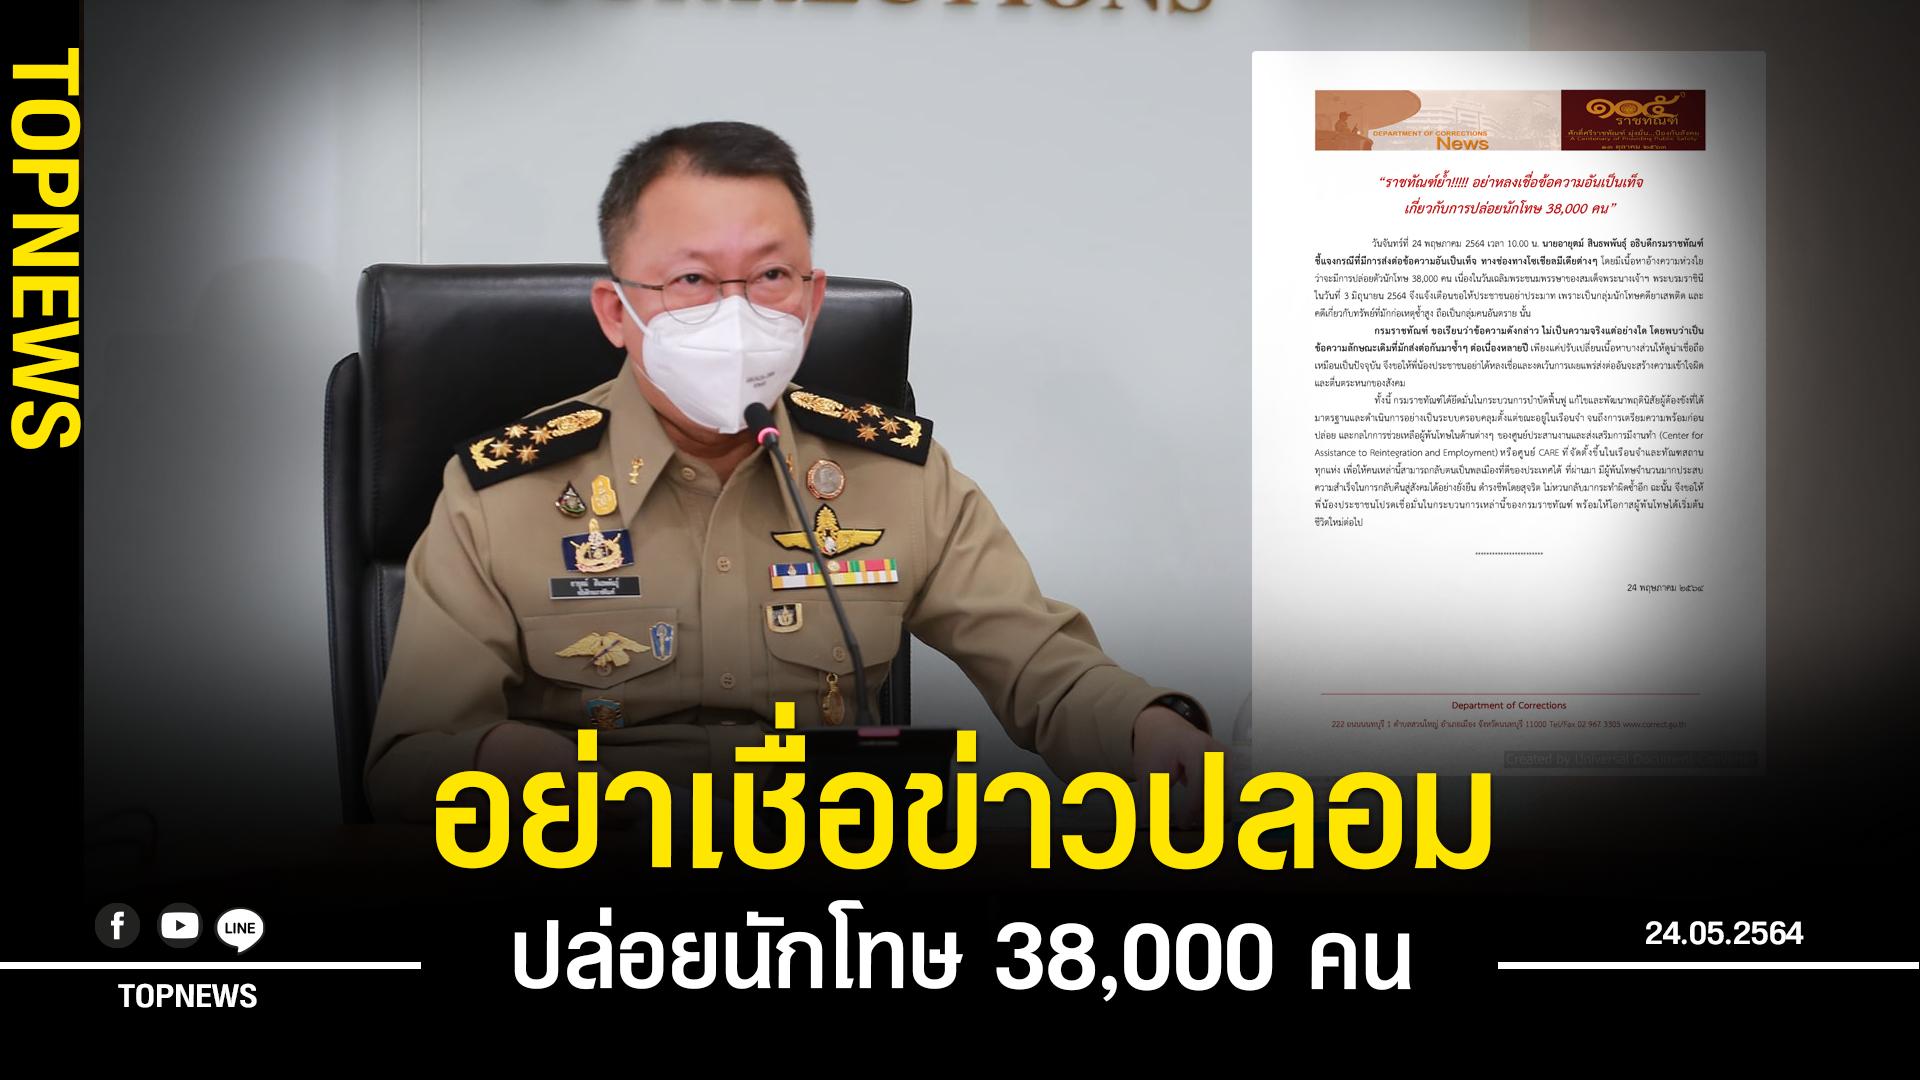 """""""ราชทัณฑ์"""" แจง อย่าเชื่อข่าวปลอม ปล่อยนักโทษ 38,000 คน"""